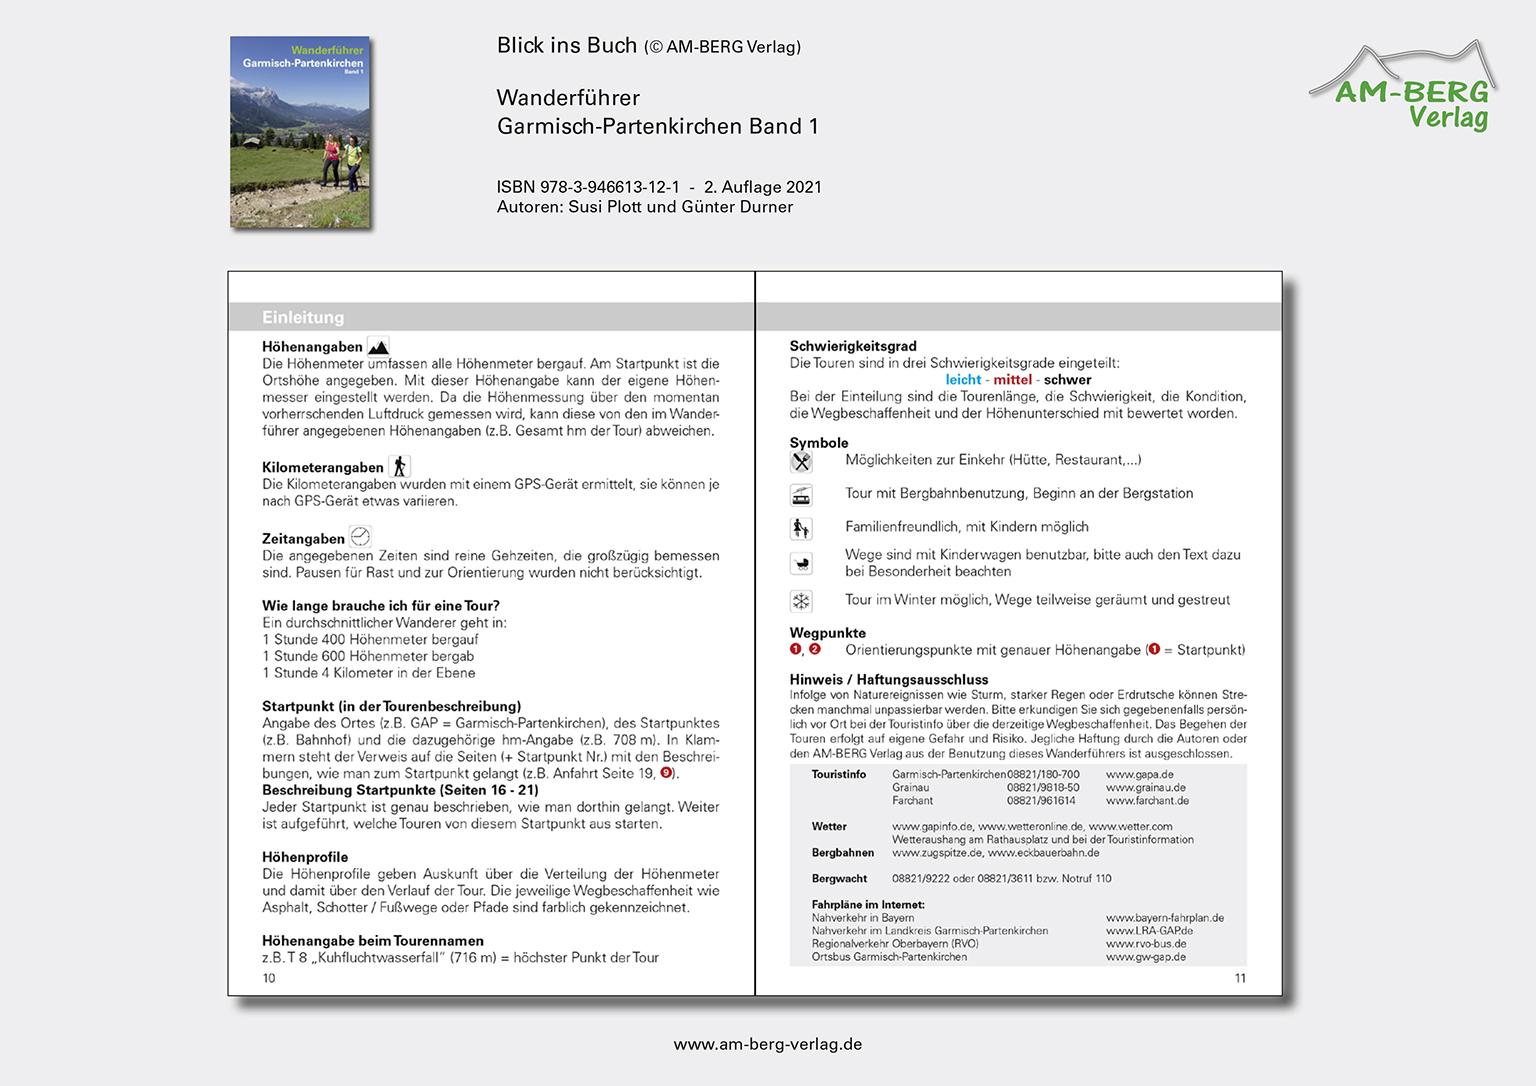 Wanderführer Garmisch-Partenkirchen Band 1_Blick ins Buch06